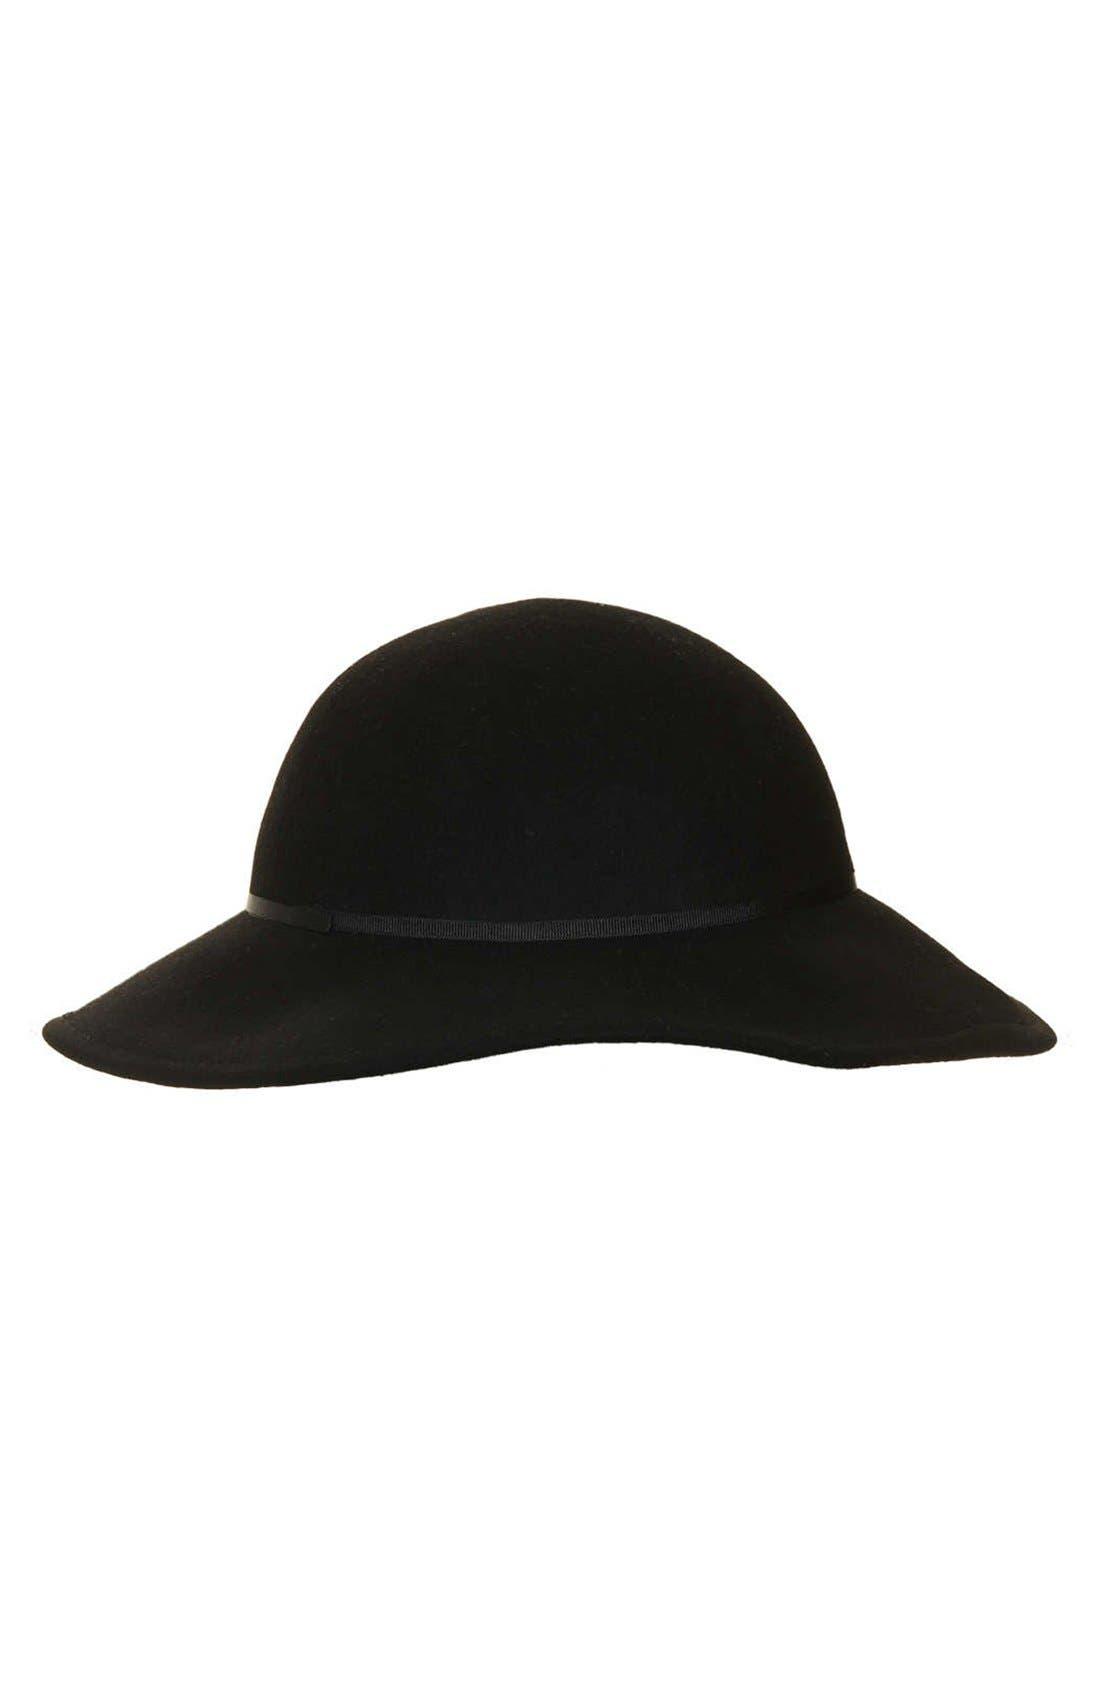 Alternate Image 1 Selected - Topshop 'Beekeeper' Felt Hat